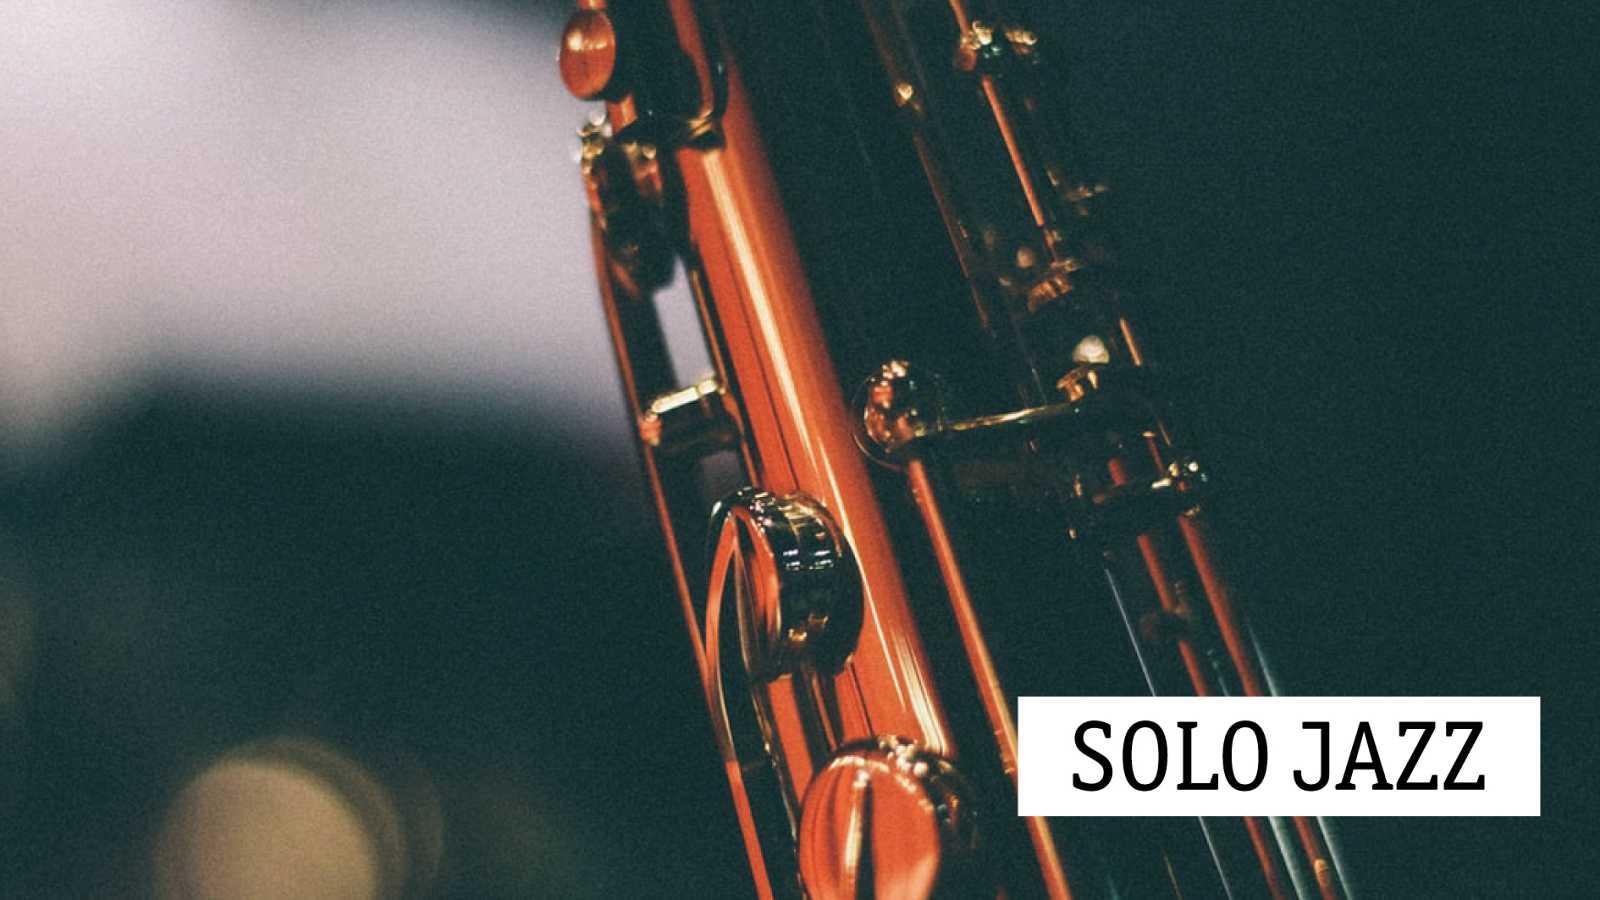 Solo jazz - Teníamos pendiente hablar de Hoagy Carmichael - 05/10/20 - escuchar ahora